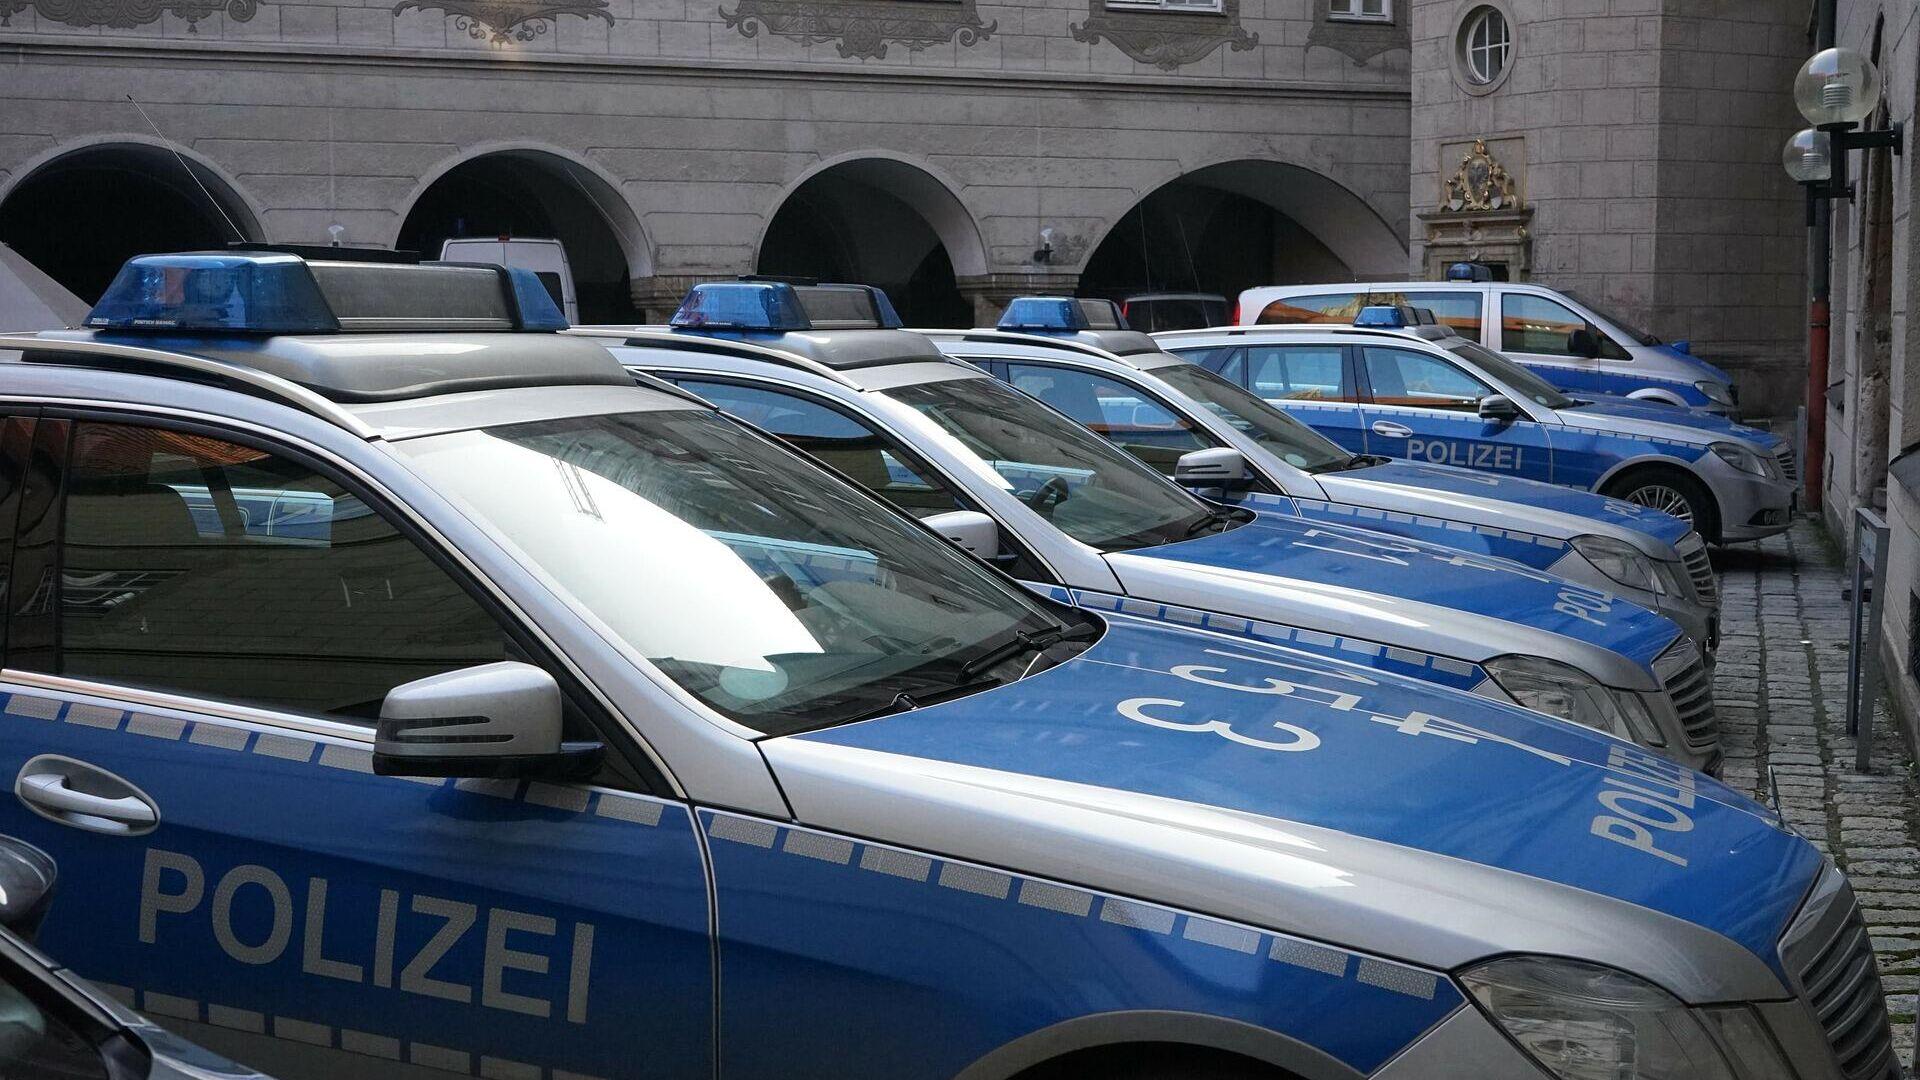 Polizeiautos in Deutschland (Symbolbild) - SNA, 1920, 13.10.2021